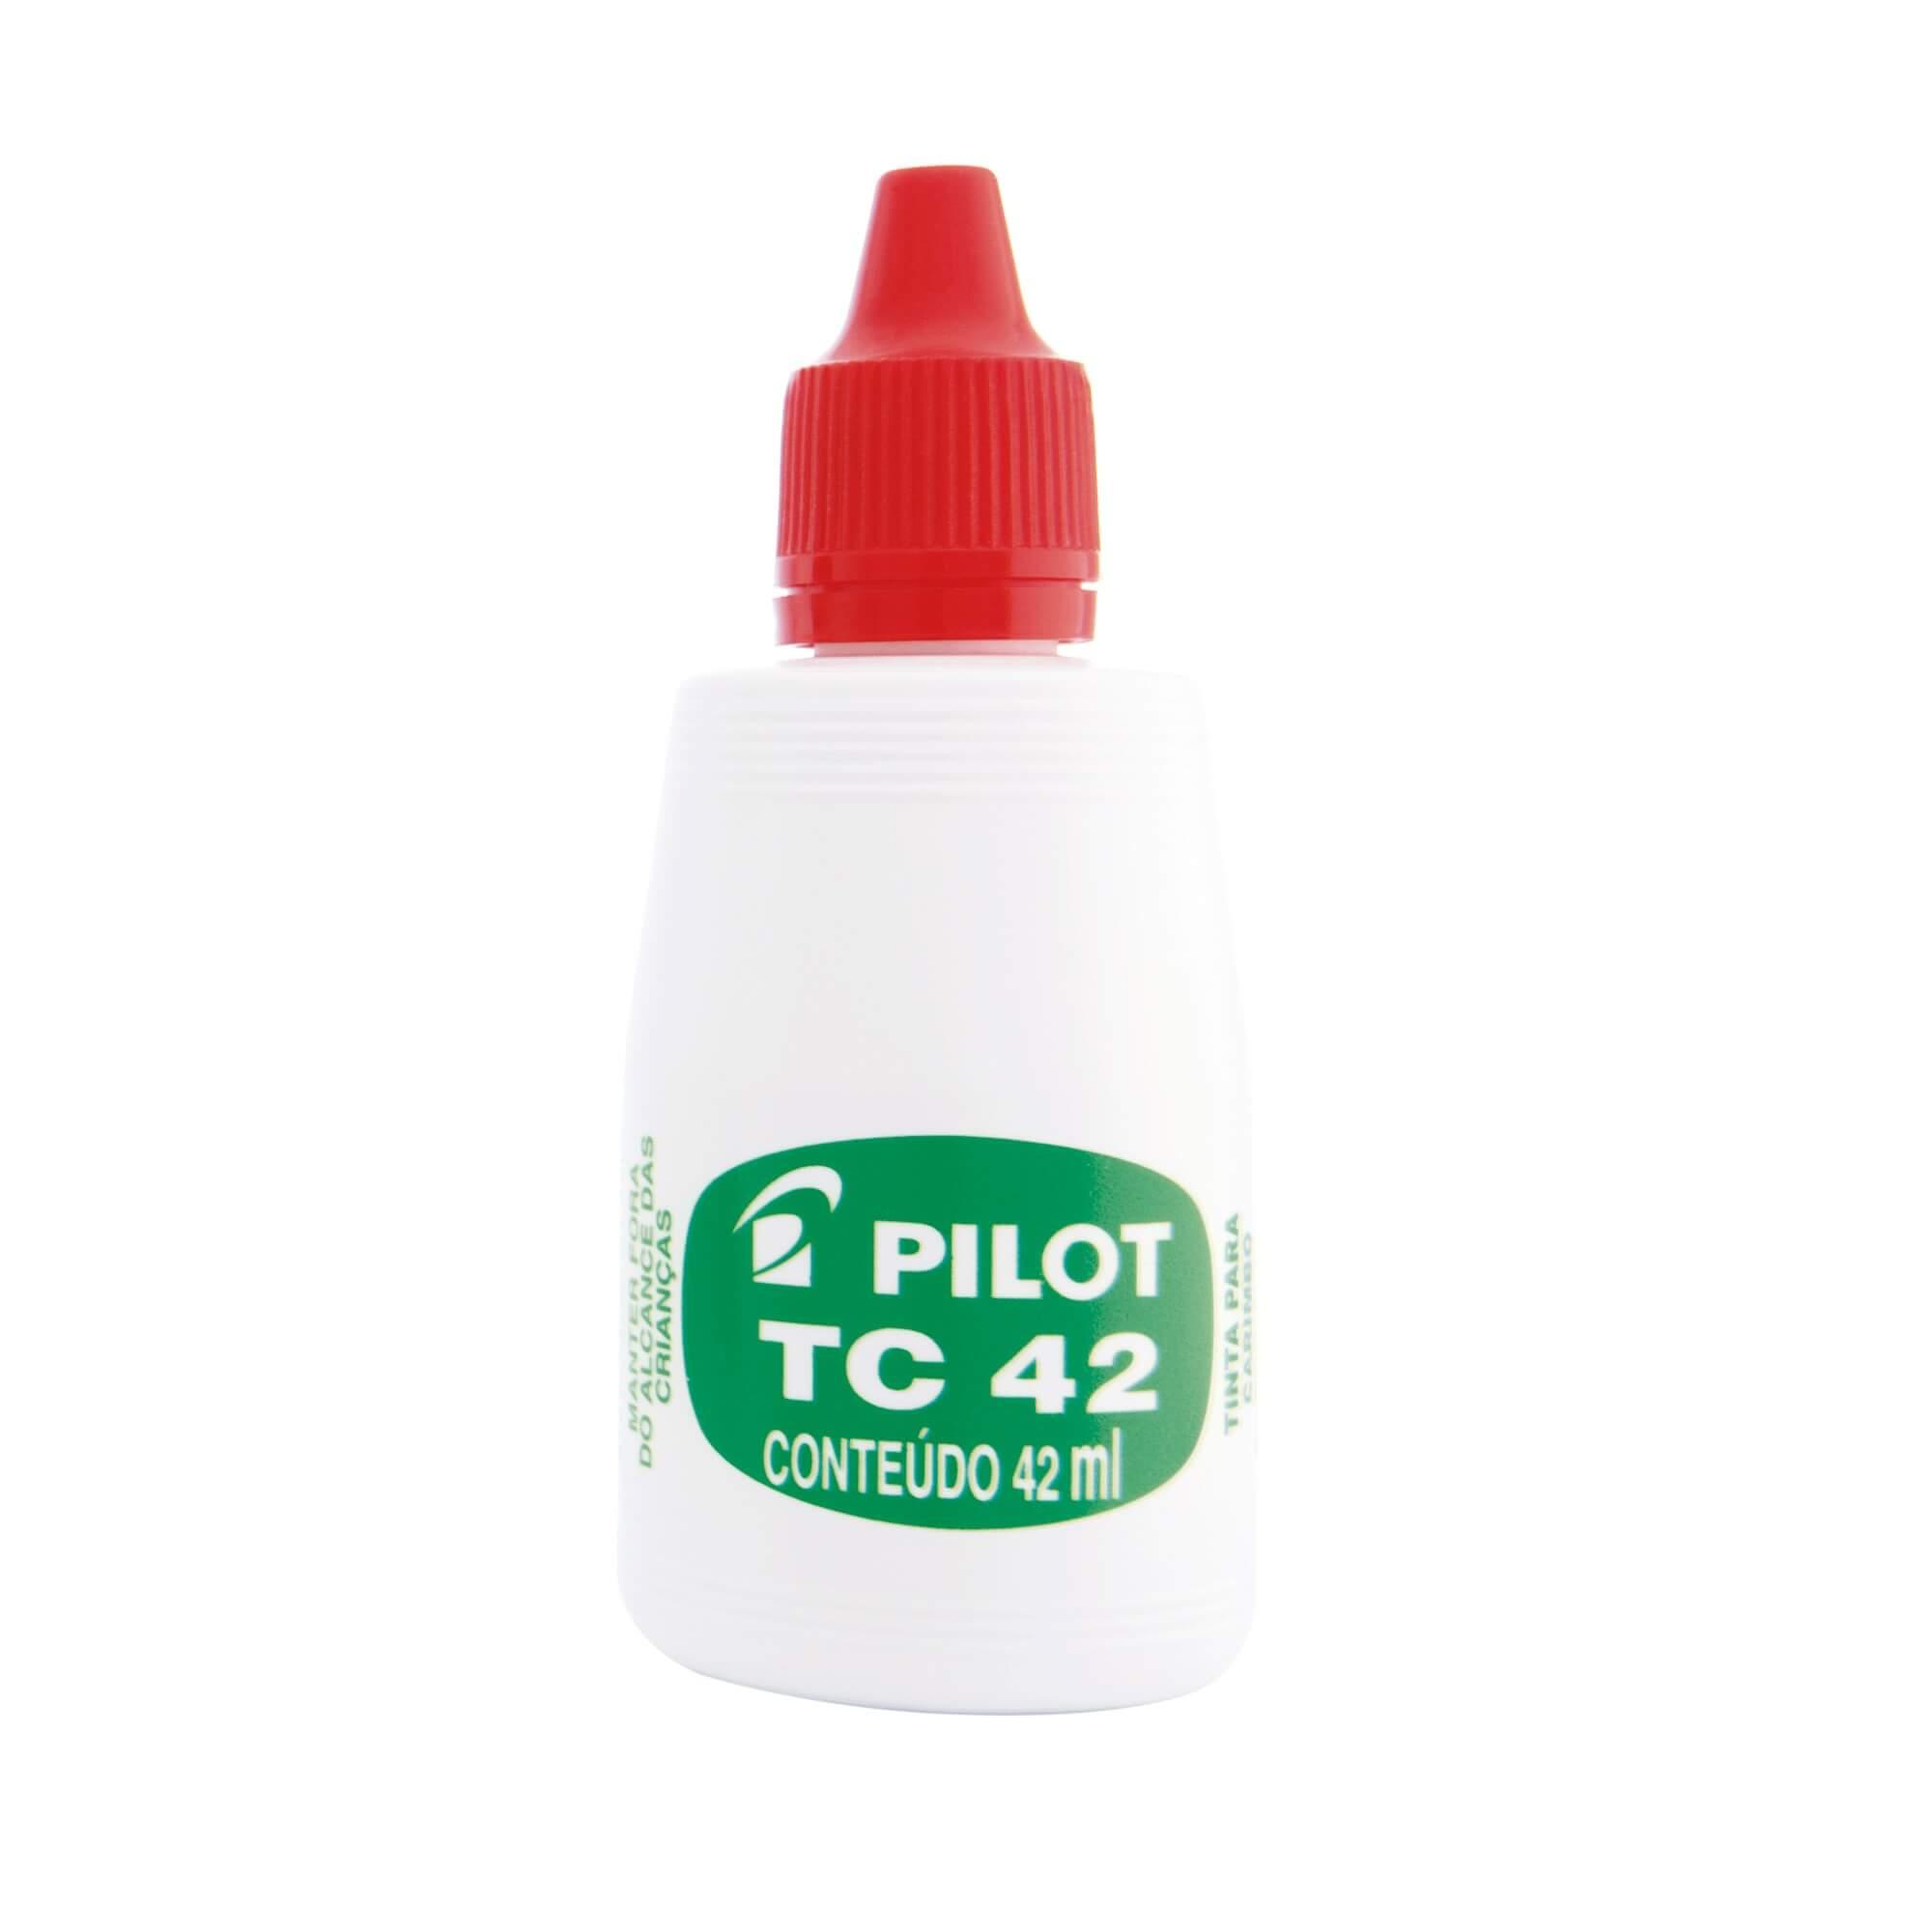 TINTA PARA CARIMBO PILOT TC 42 VERMELHA 42 ML